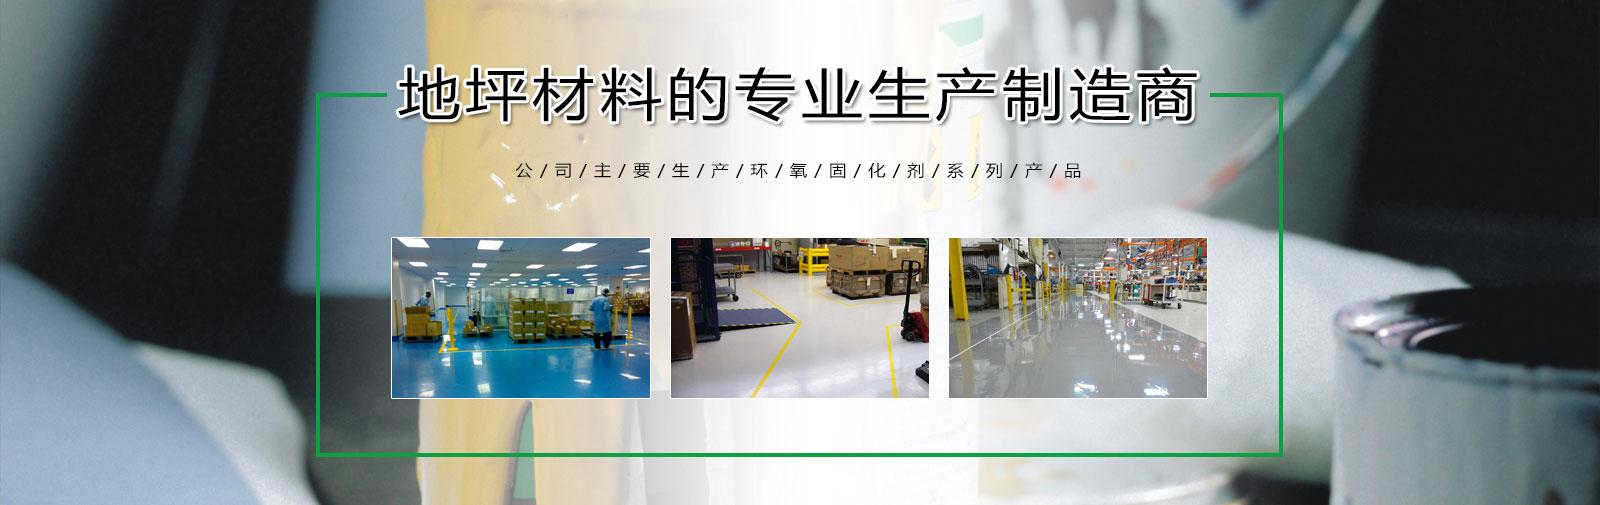 郑州高进地坪材料有限公司